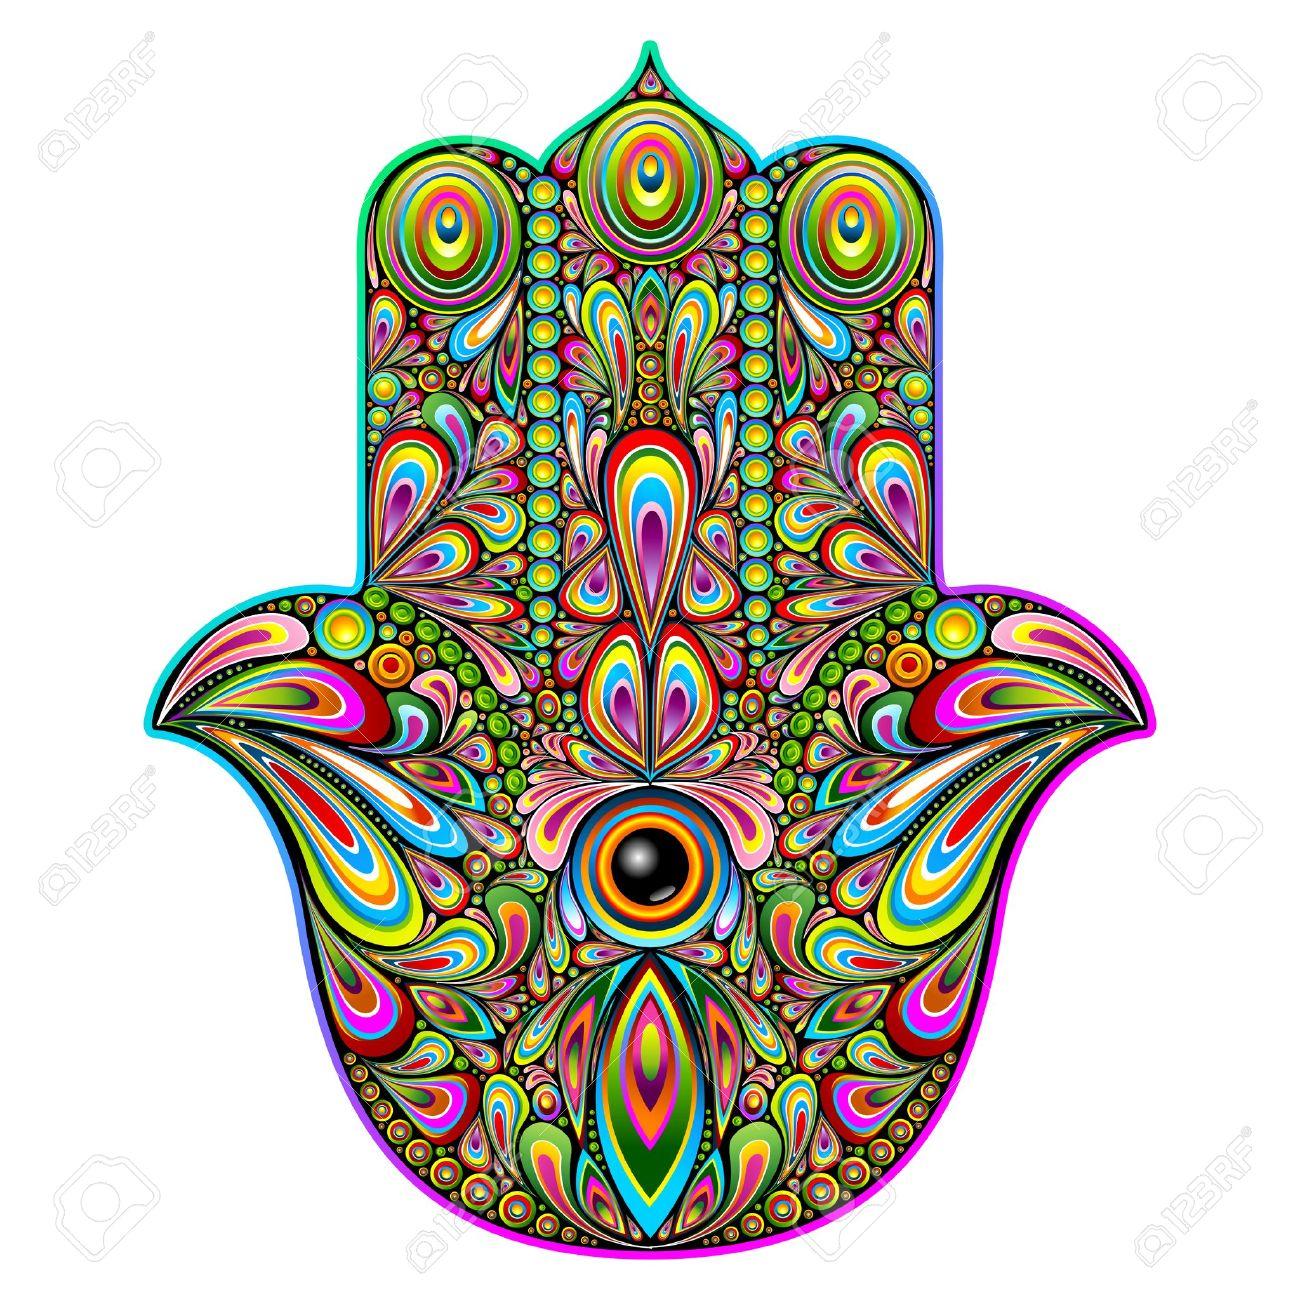 Hamsa Hand Psychedelic Art Stock Vector - 39559043